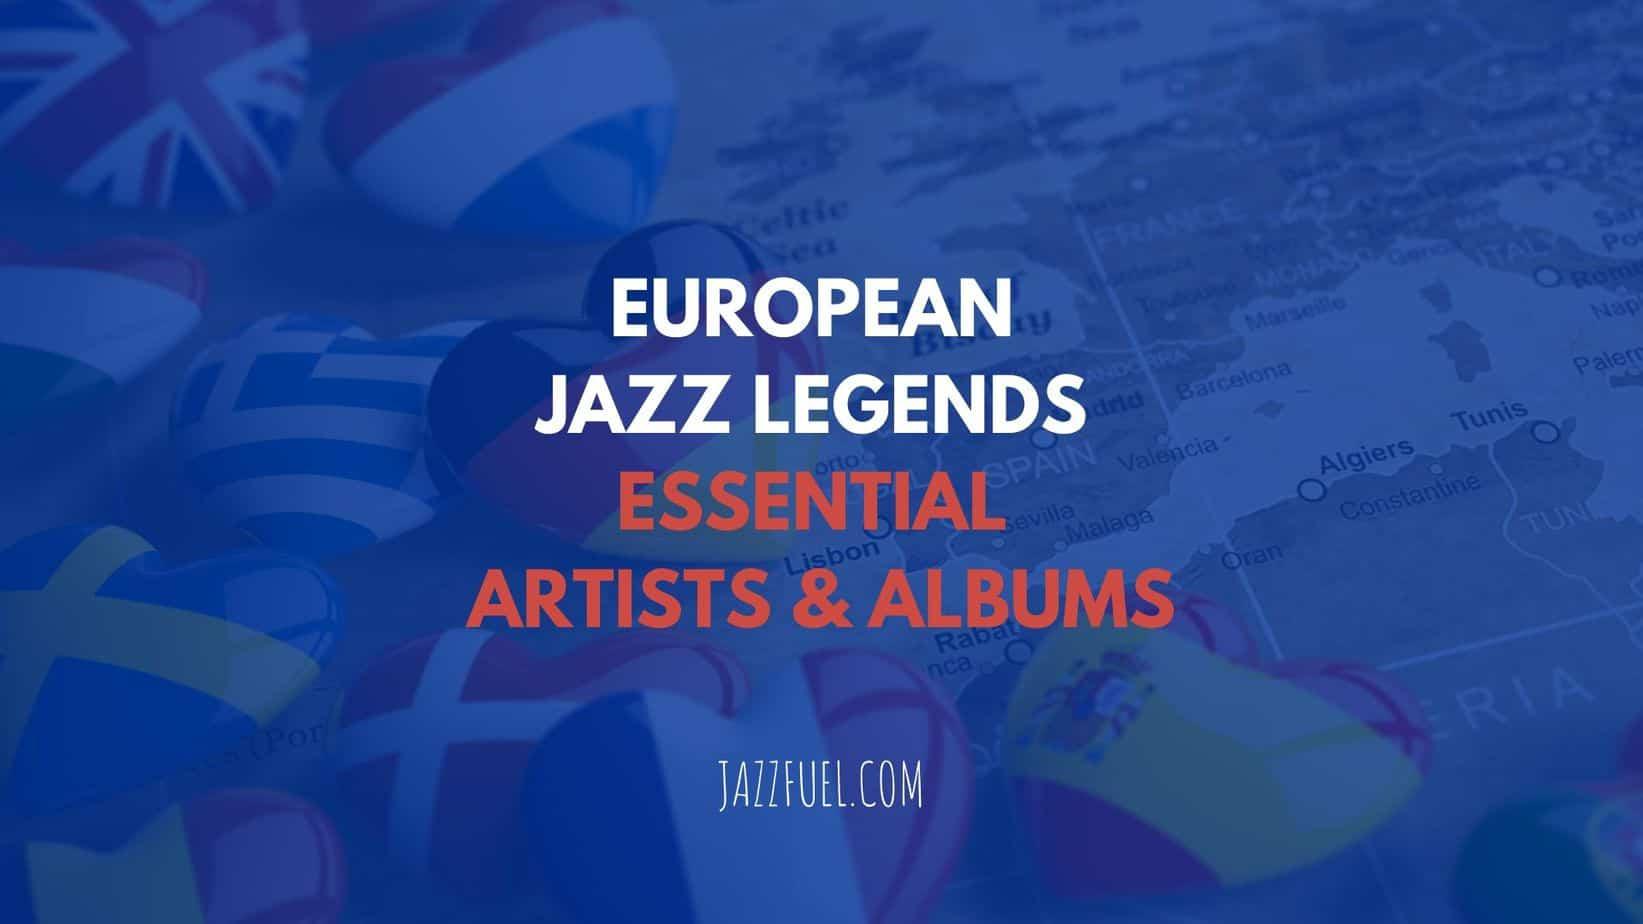 European Jazz Musicians